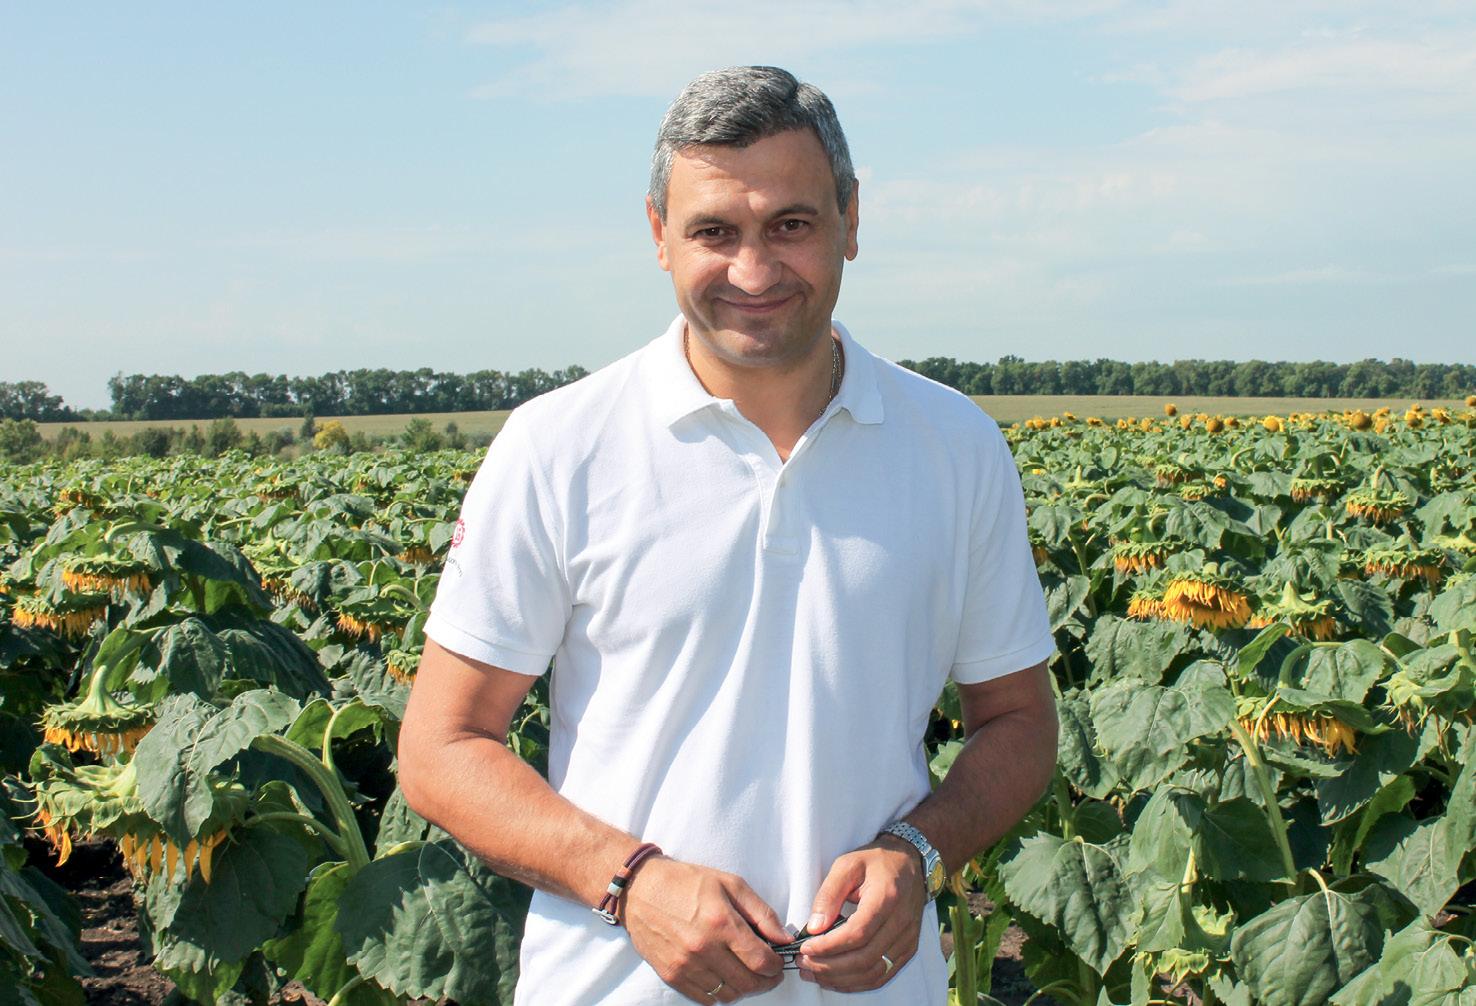 Віктор Карбівський, генеральний директор «Лімагрейн Україна»: Обираємо не рекорди, астабільний розвиток